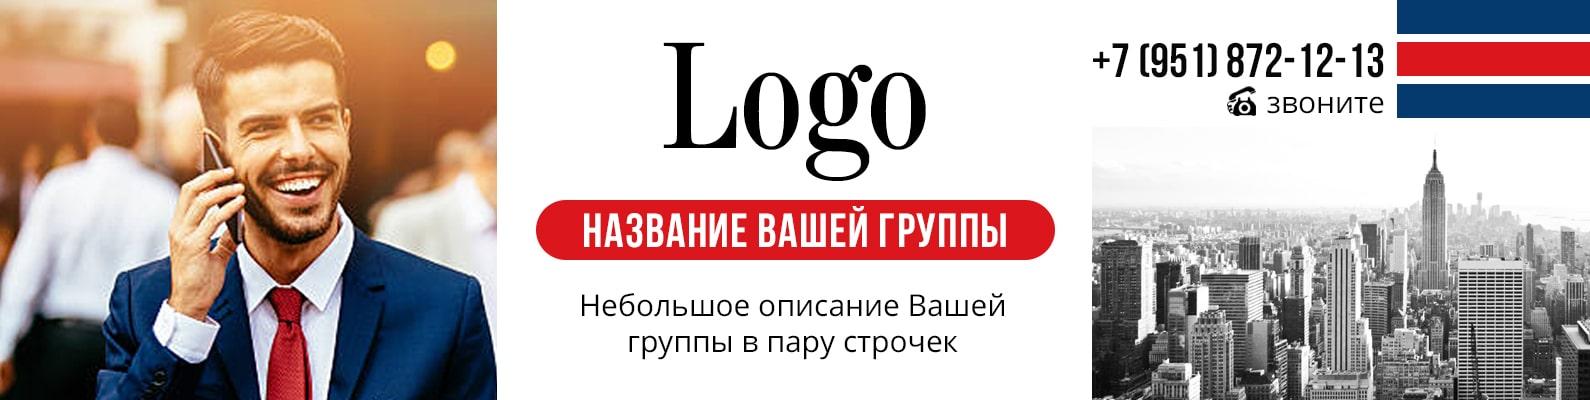 Третий Вариант оформление обложки ВКонтакте